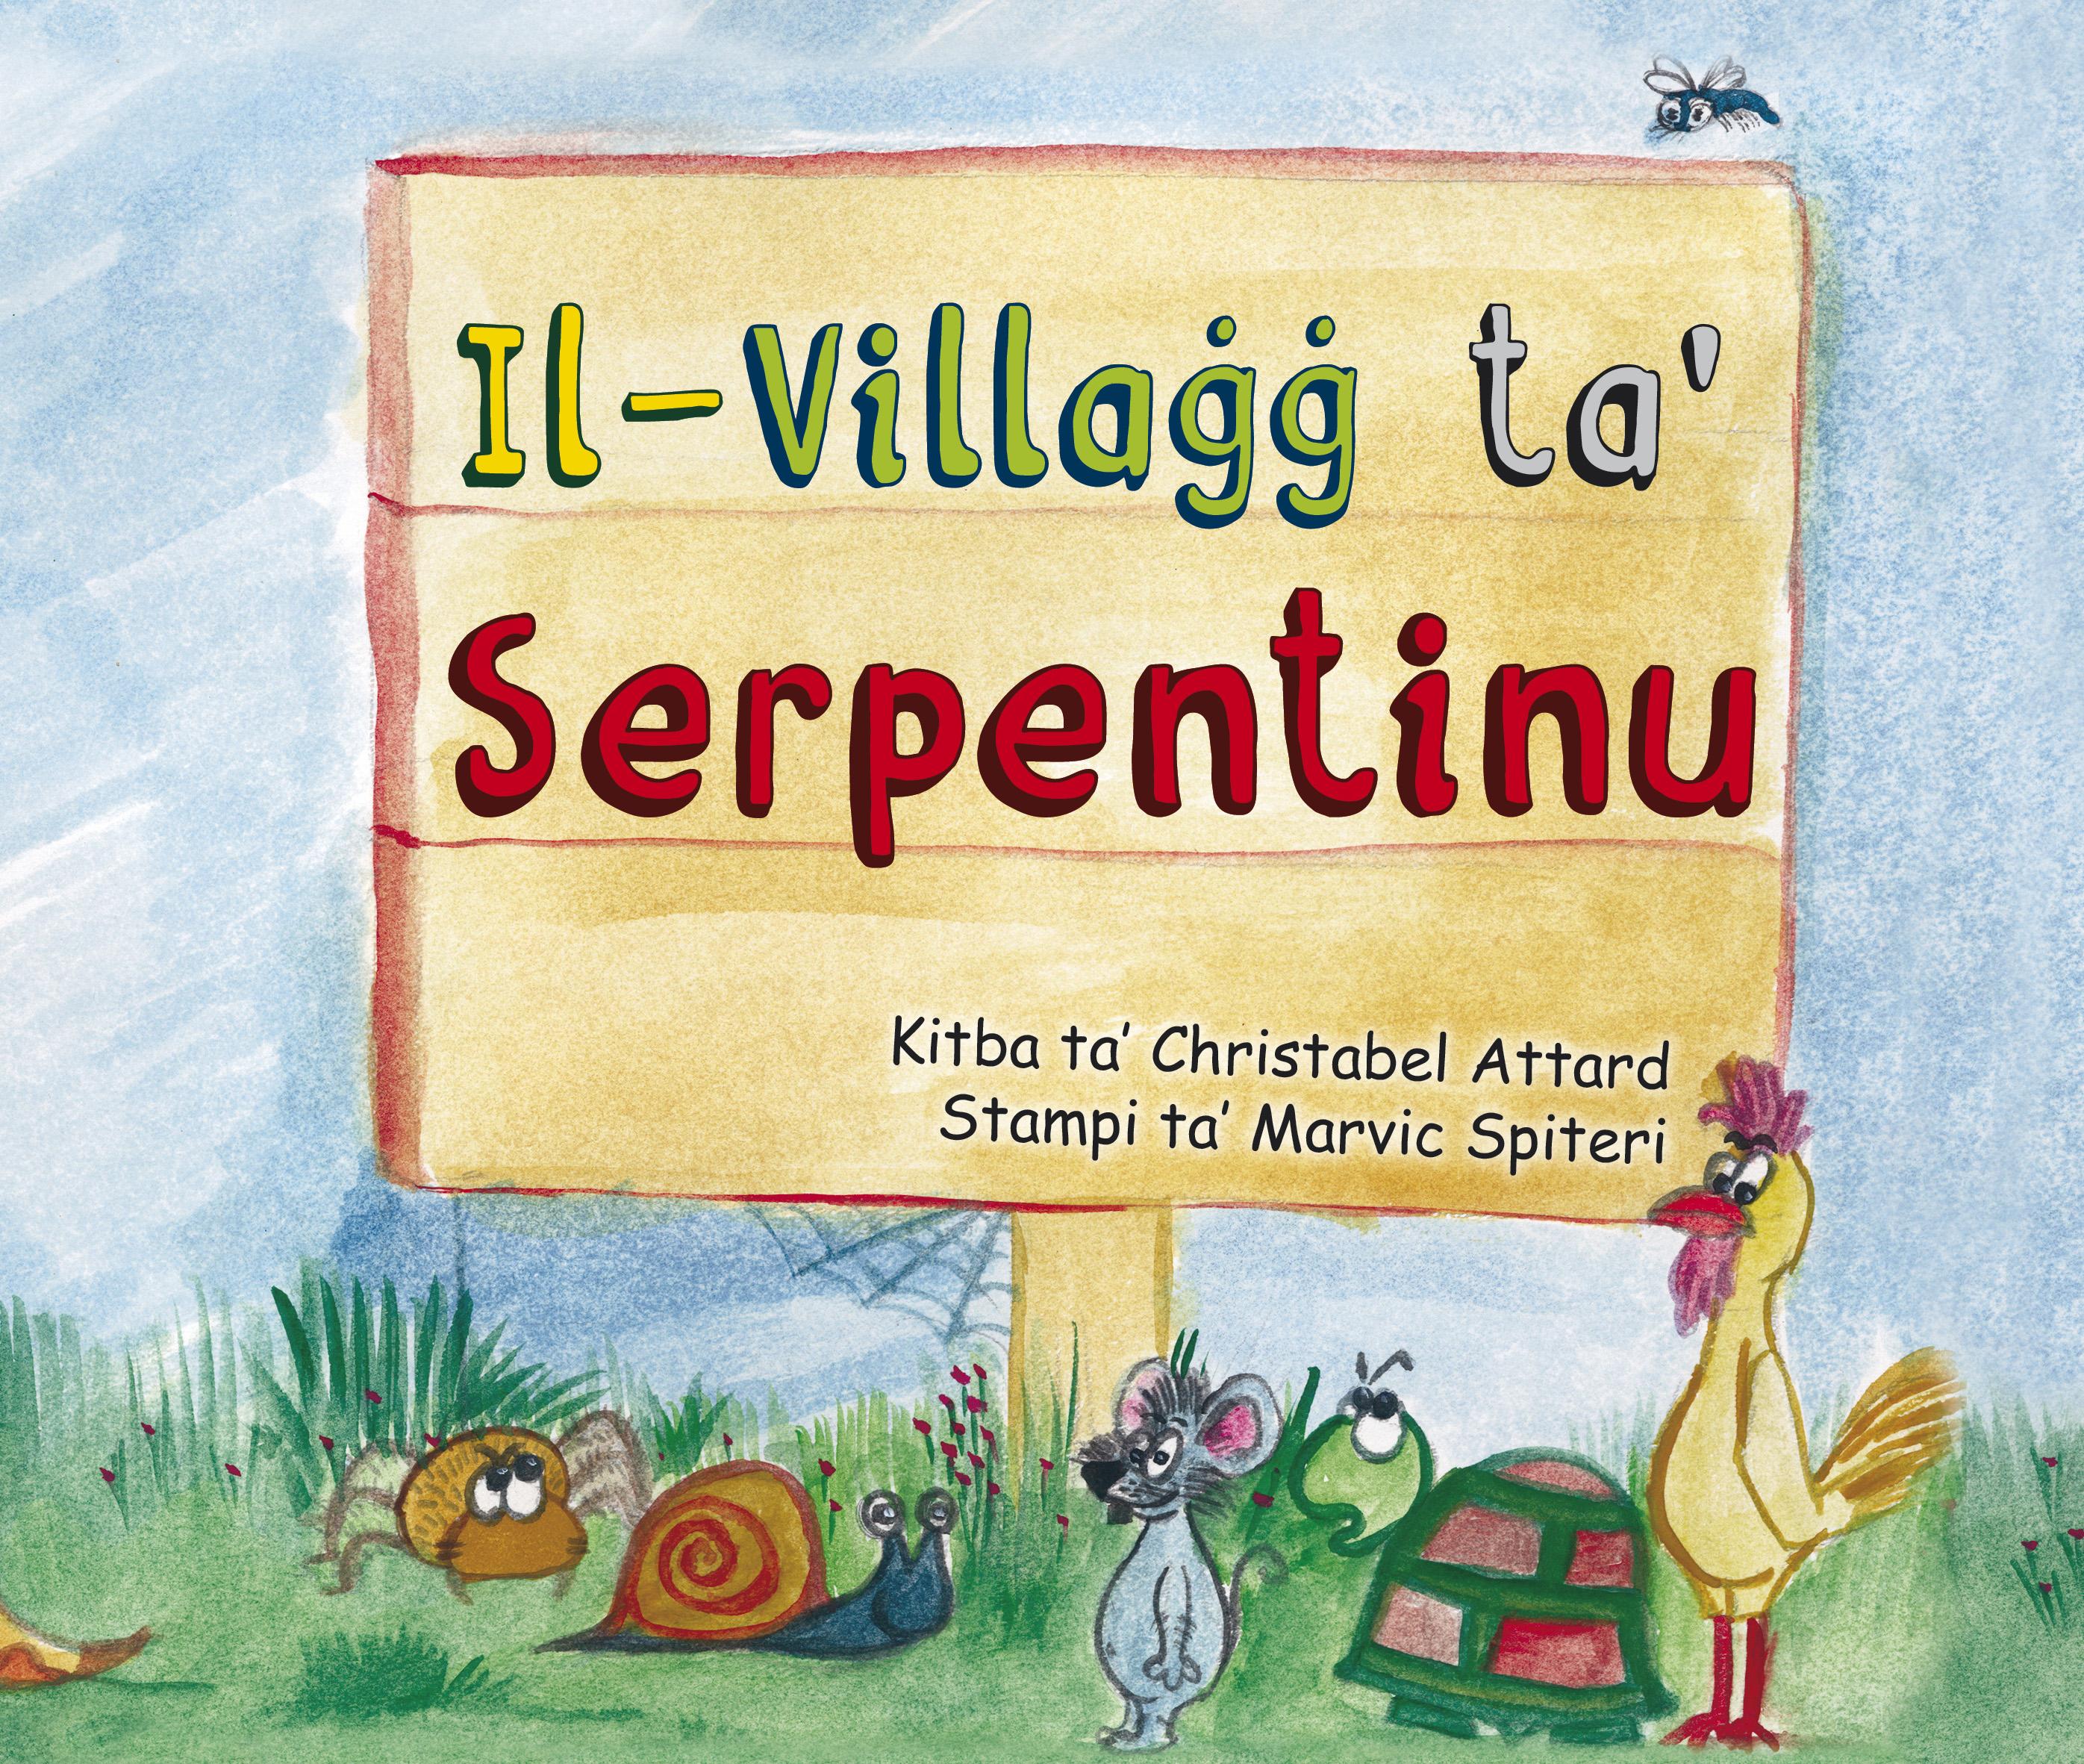 Il-Villaġġ ta' Serpentinu